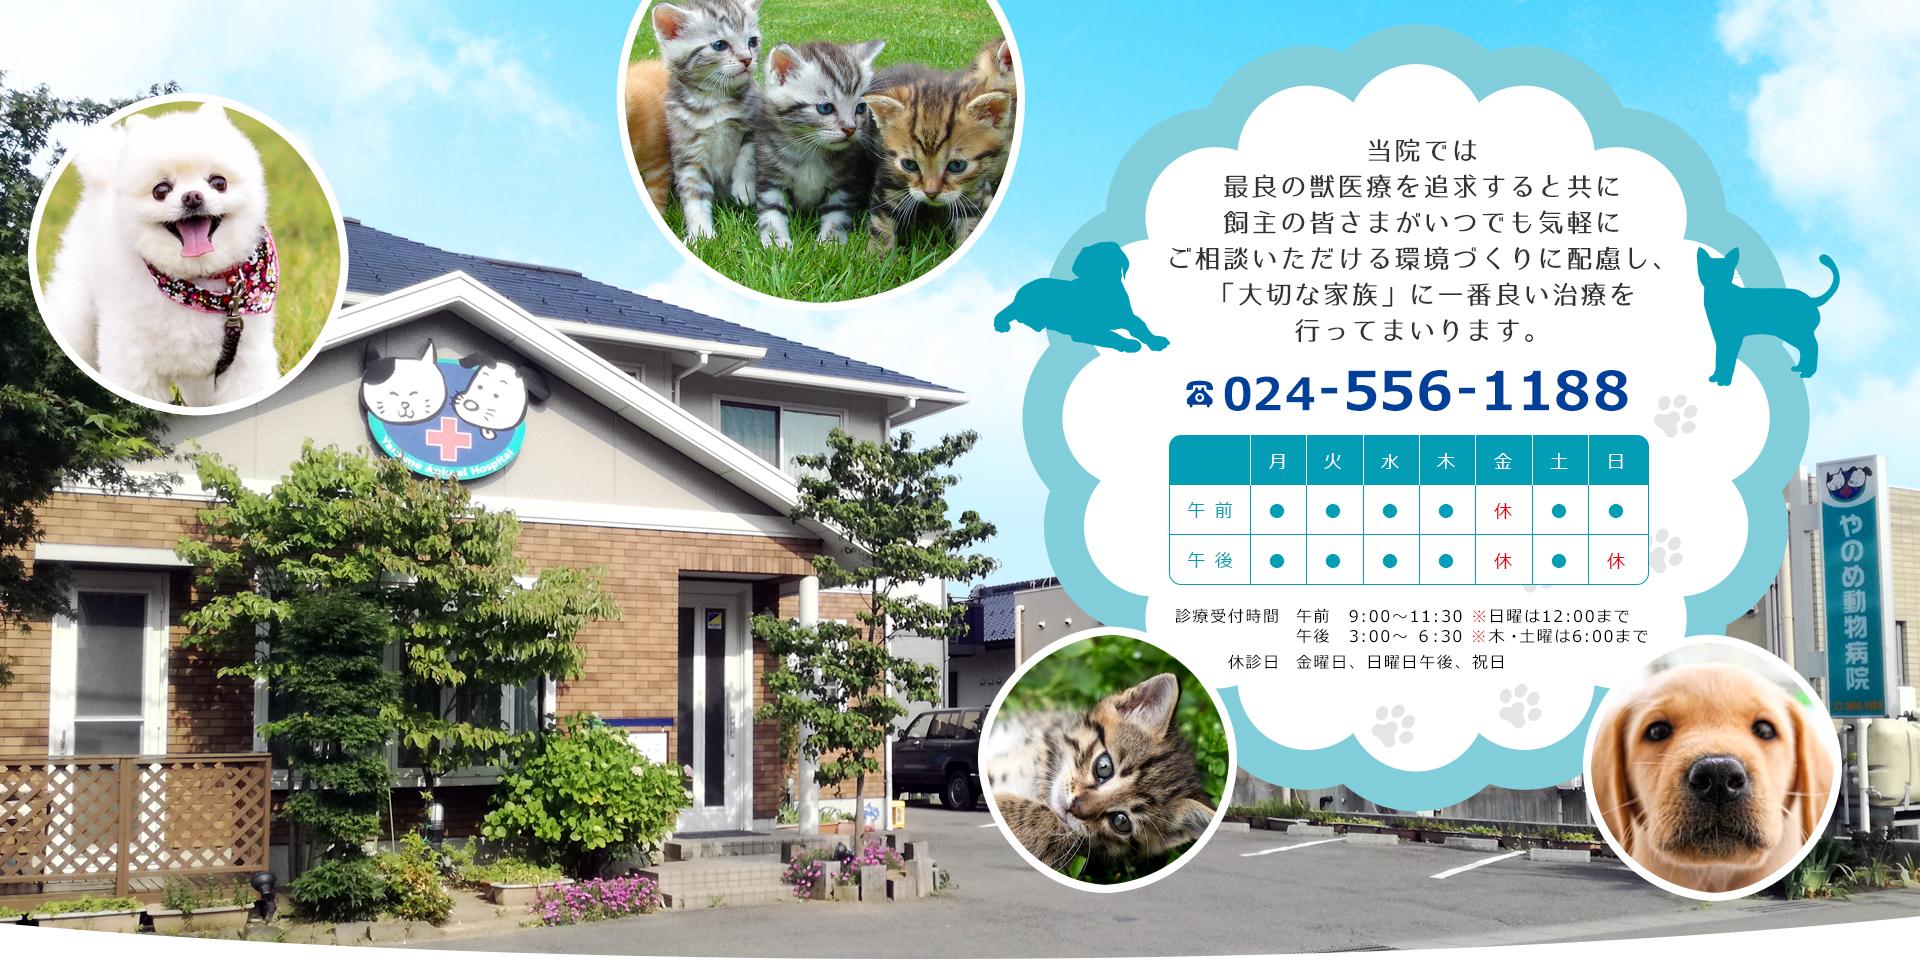 福島市 やのめ動物病院公式ホームページ(日曜対応)